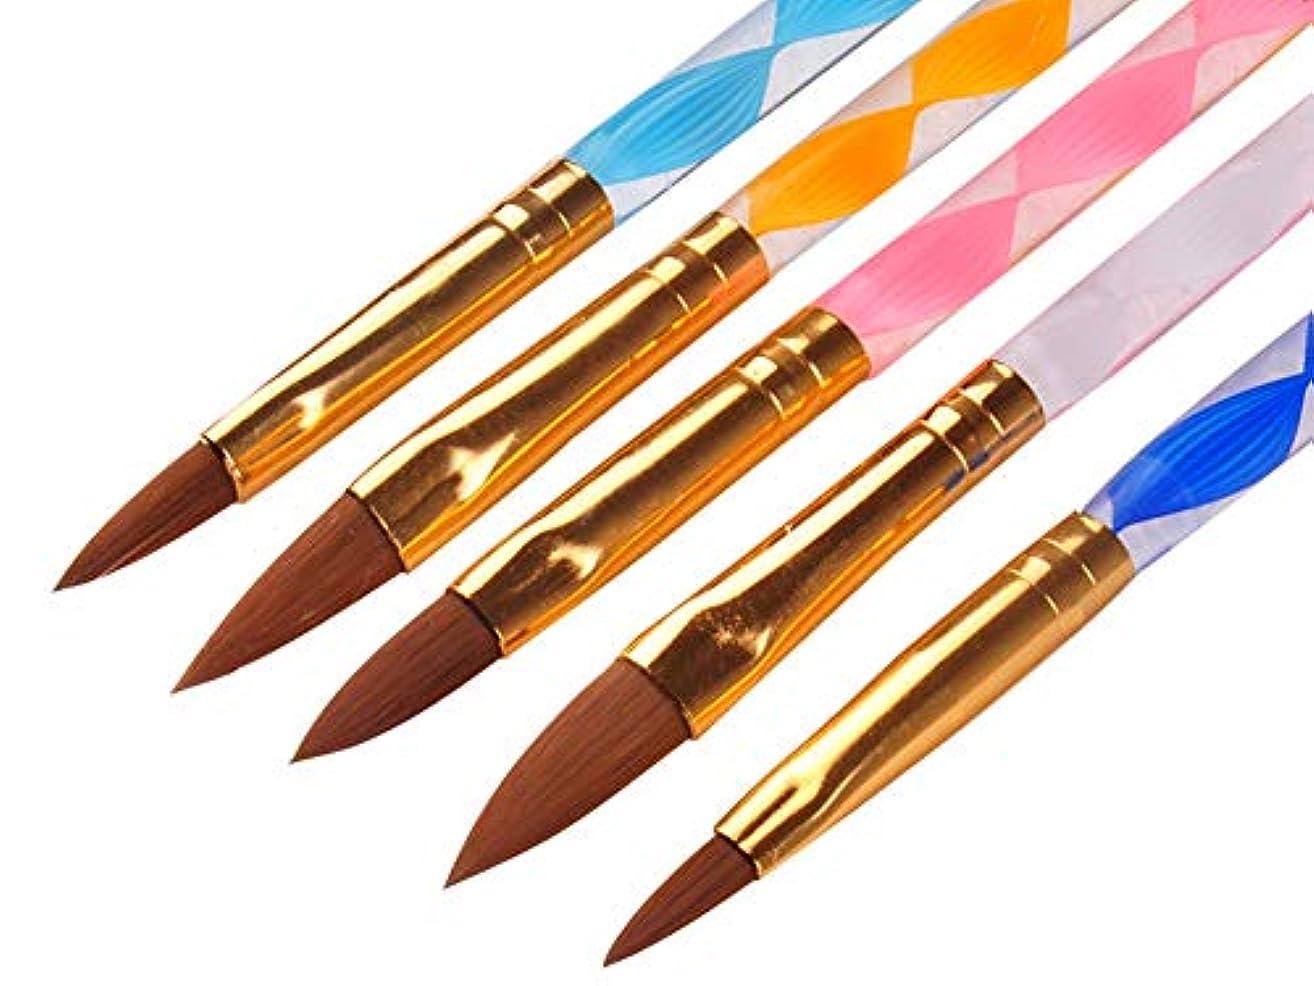 性交頼むログRant Bell スカルプ ブラシ セットアクリル 3D ネイル オーバル筆 黄色 白 ピンク 青 紫 5本セット